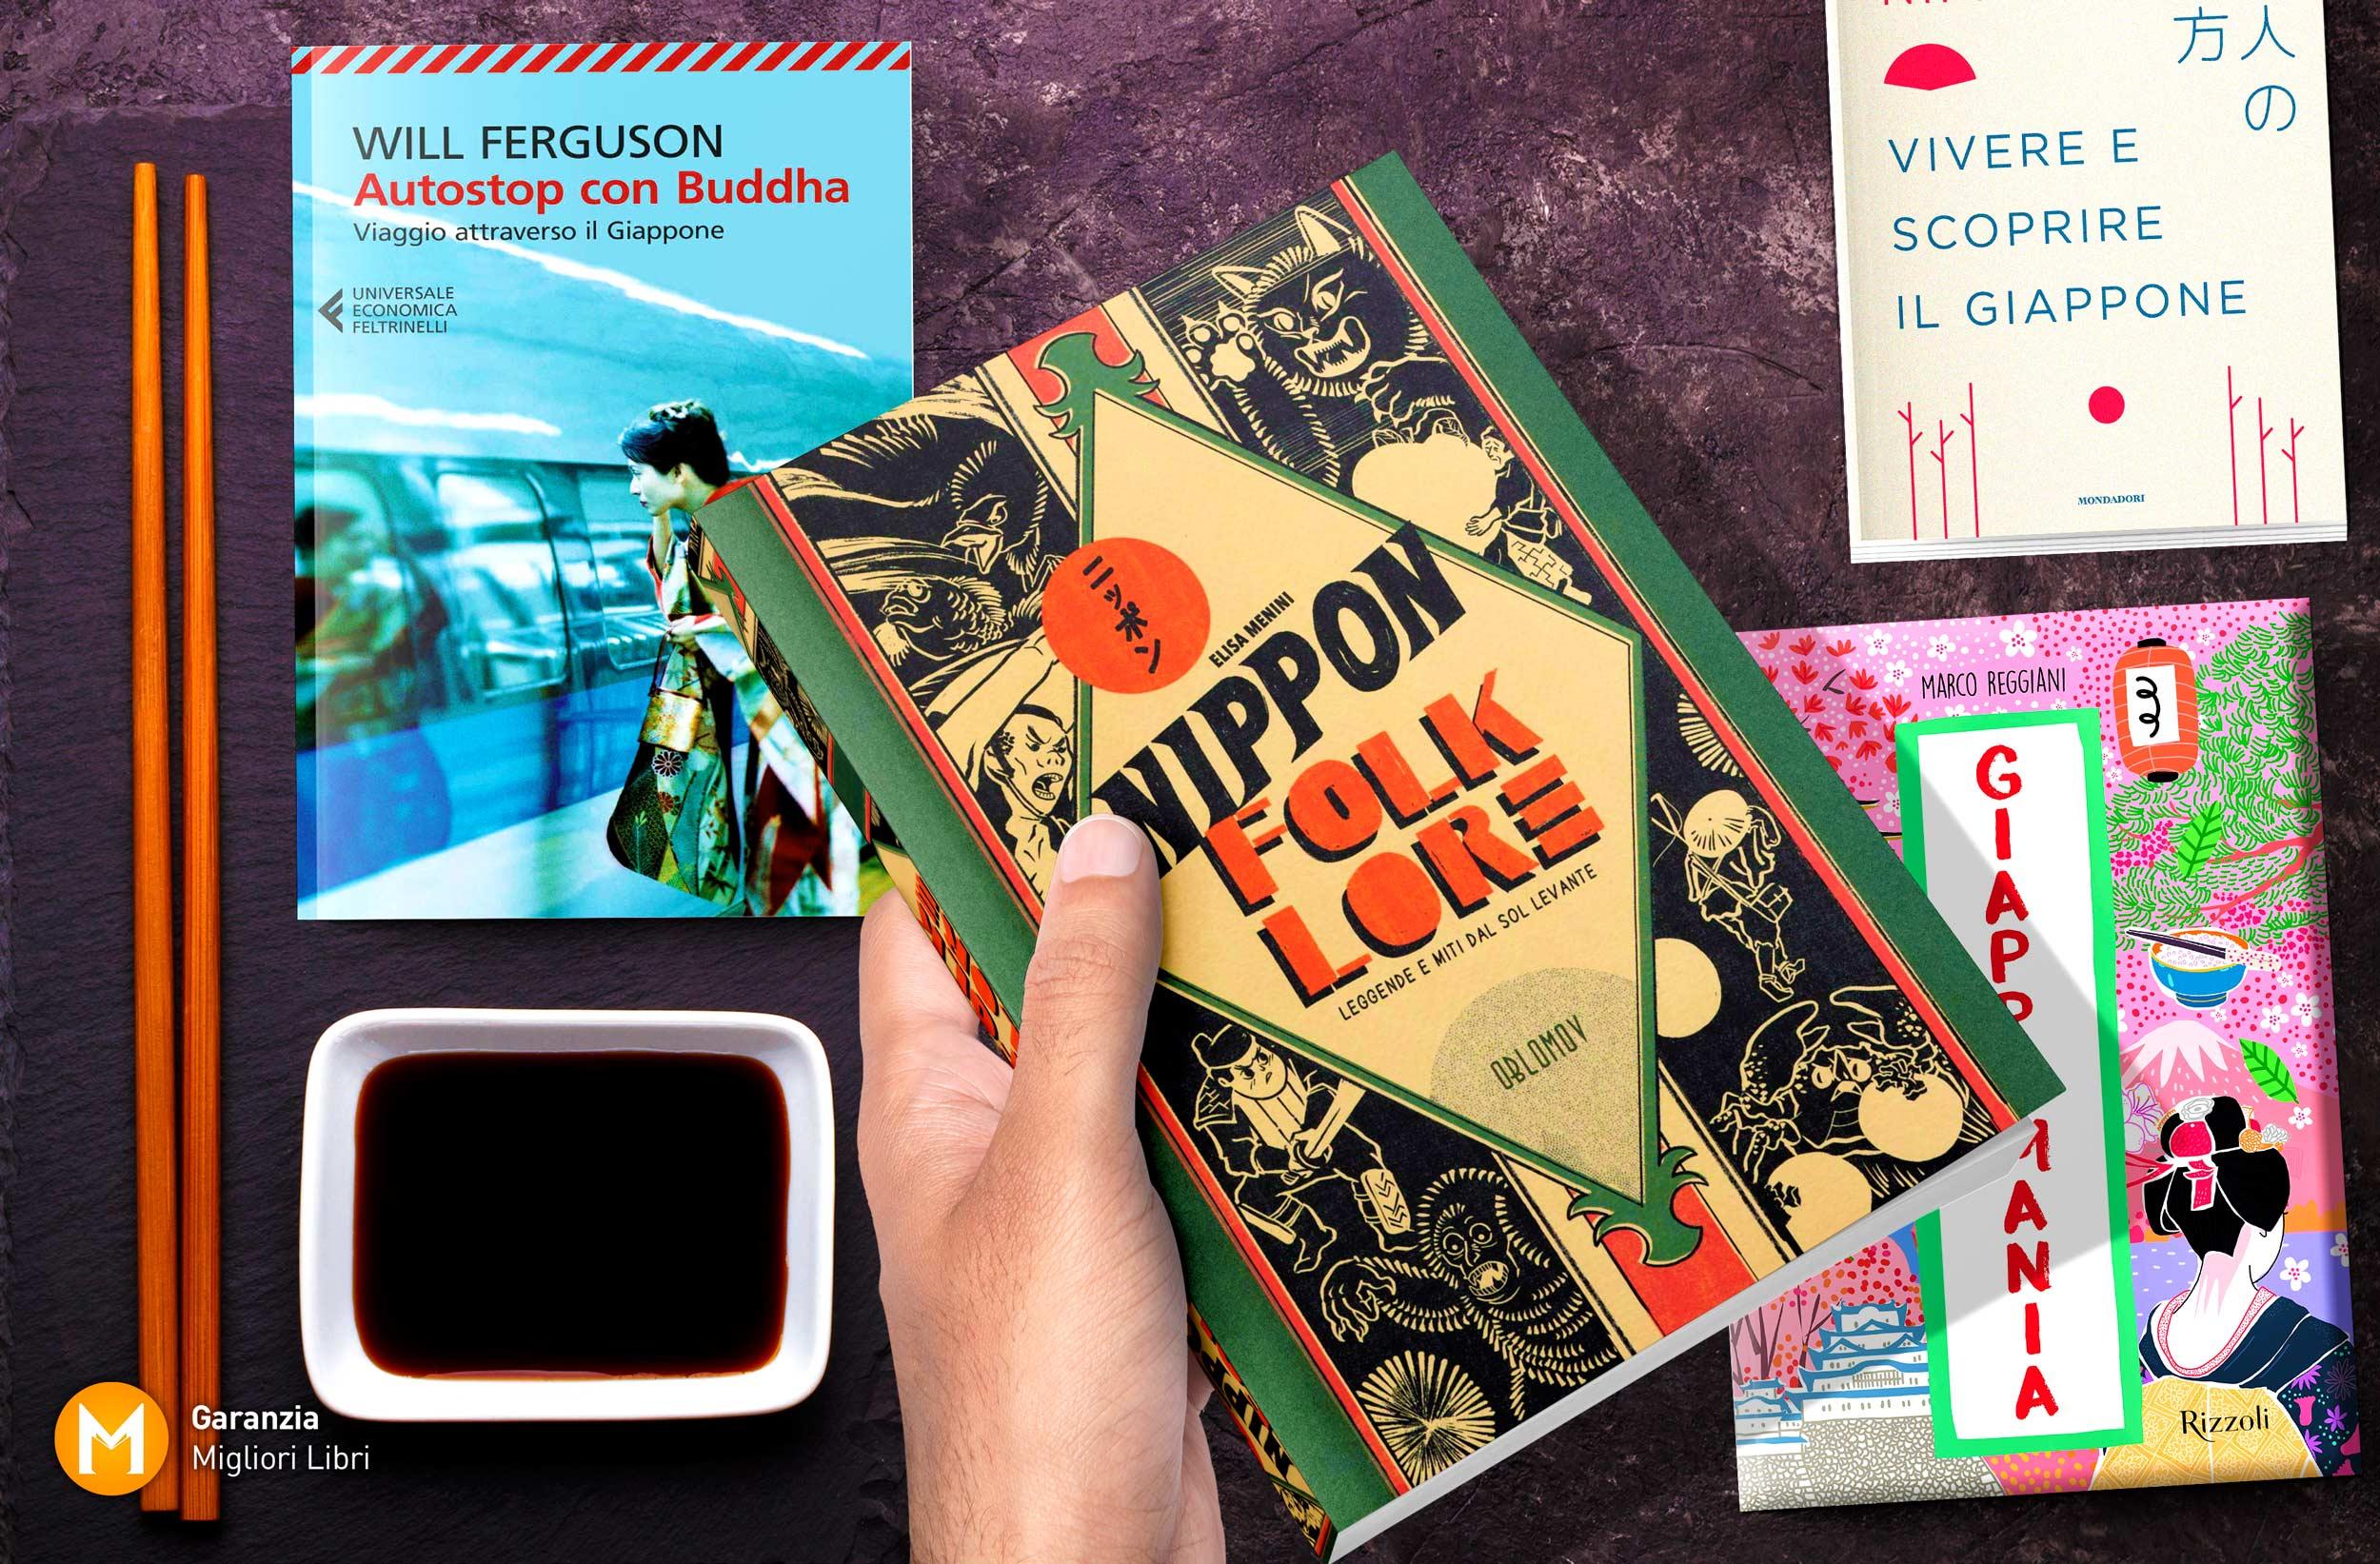 libri-sul-giappone